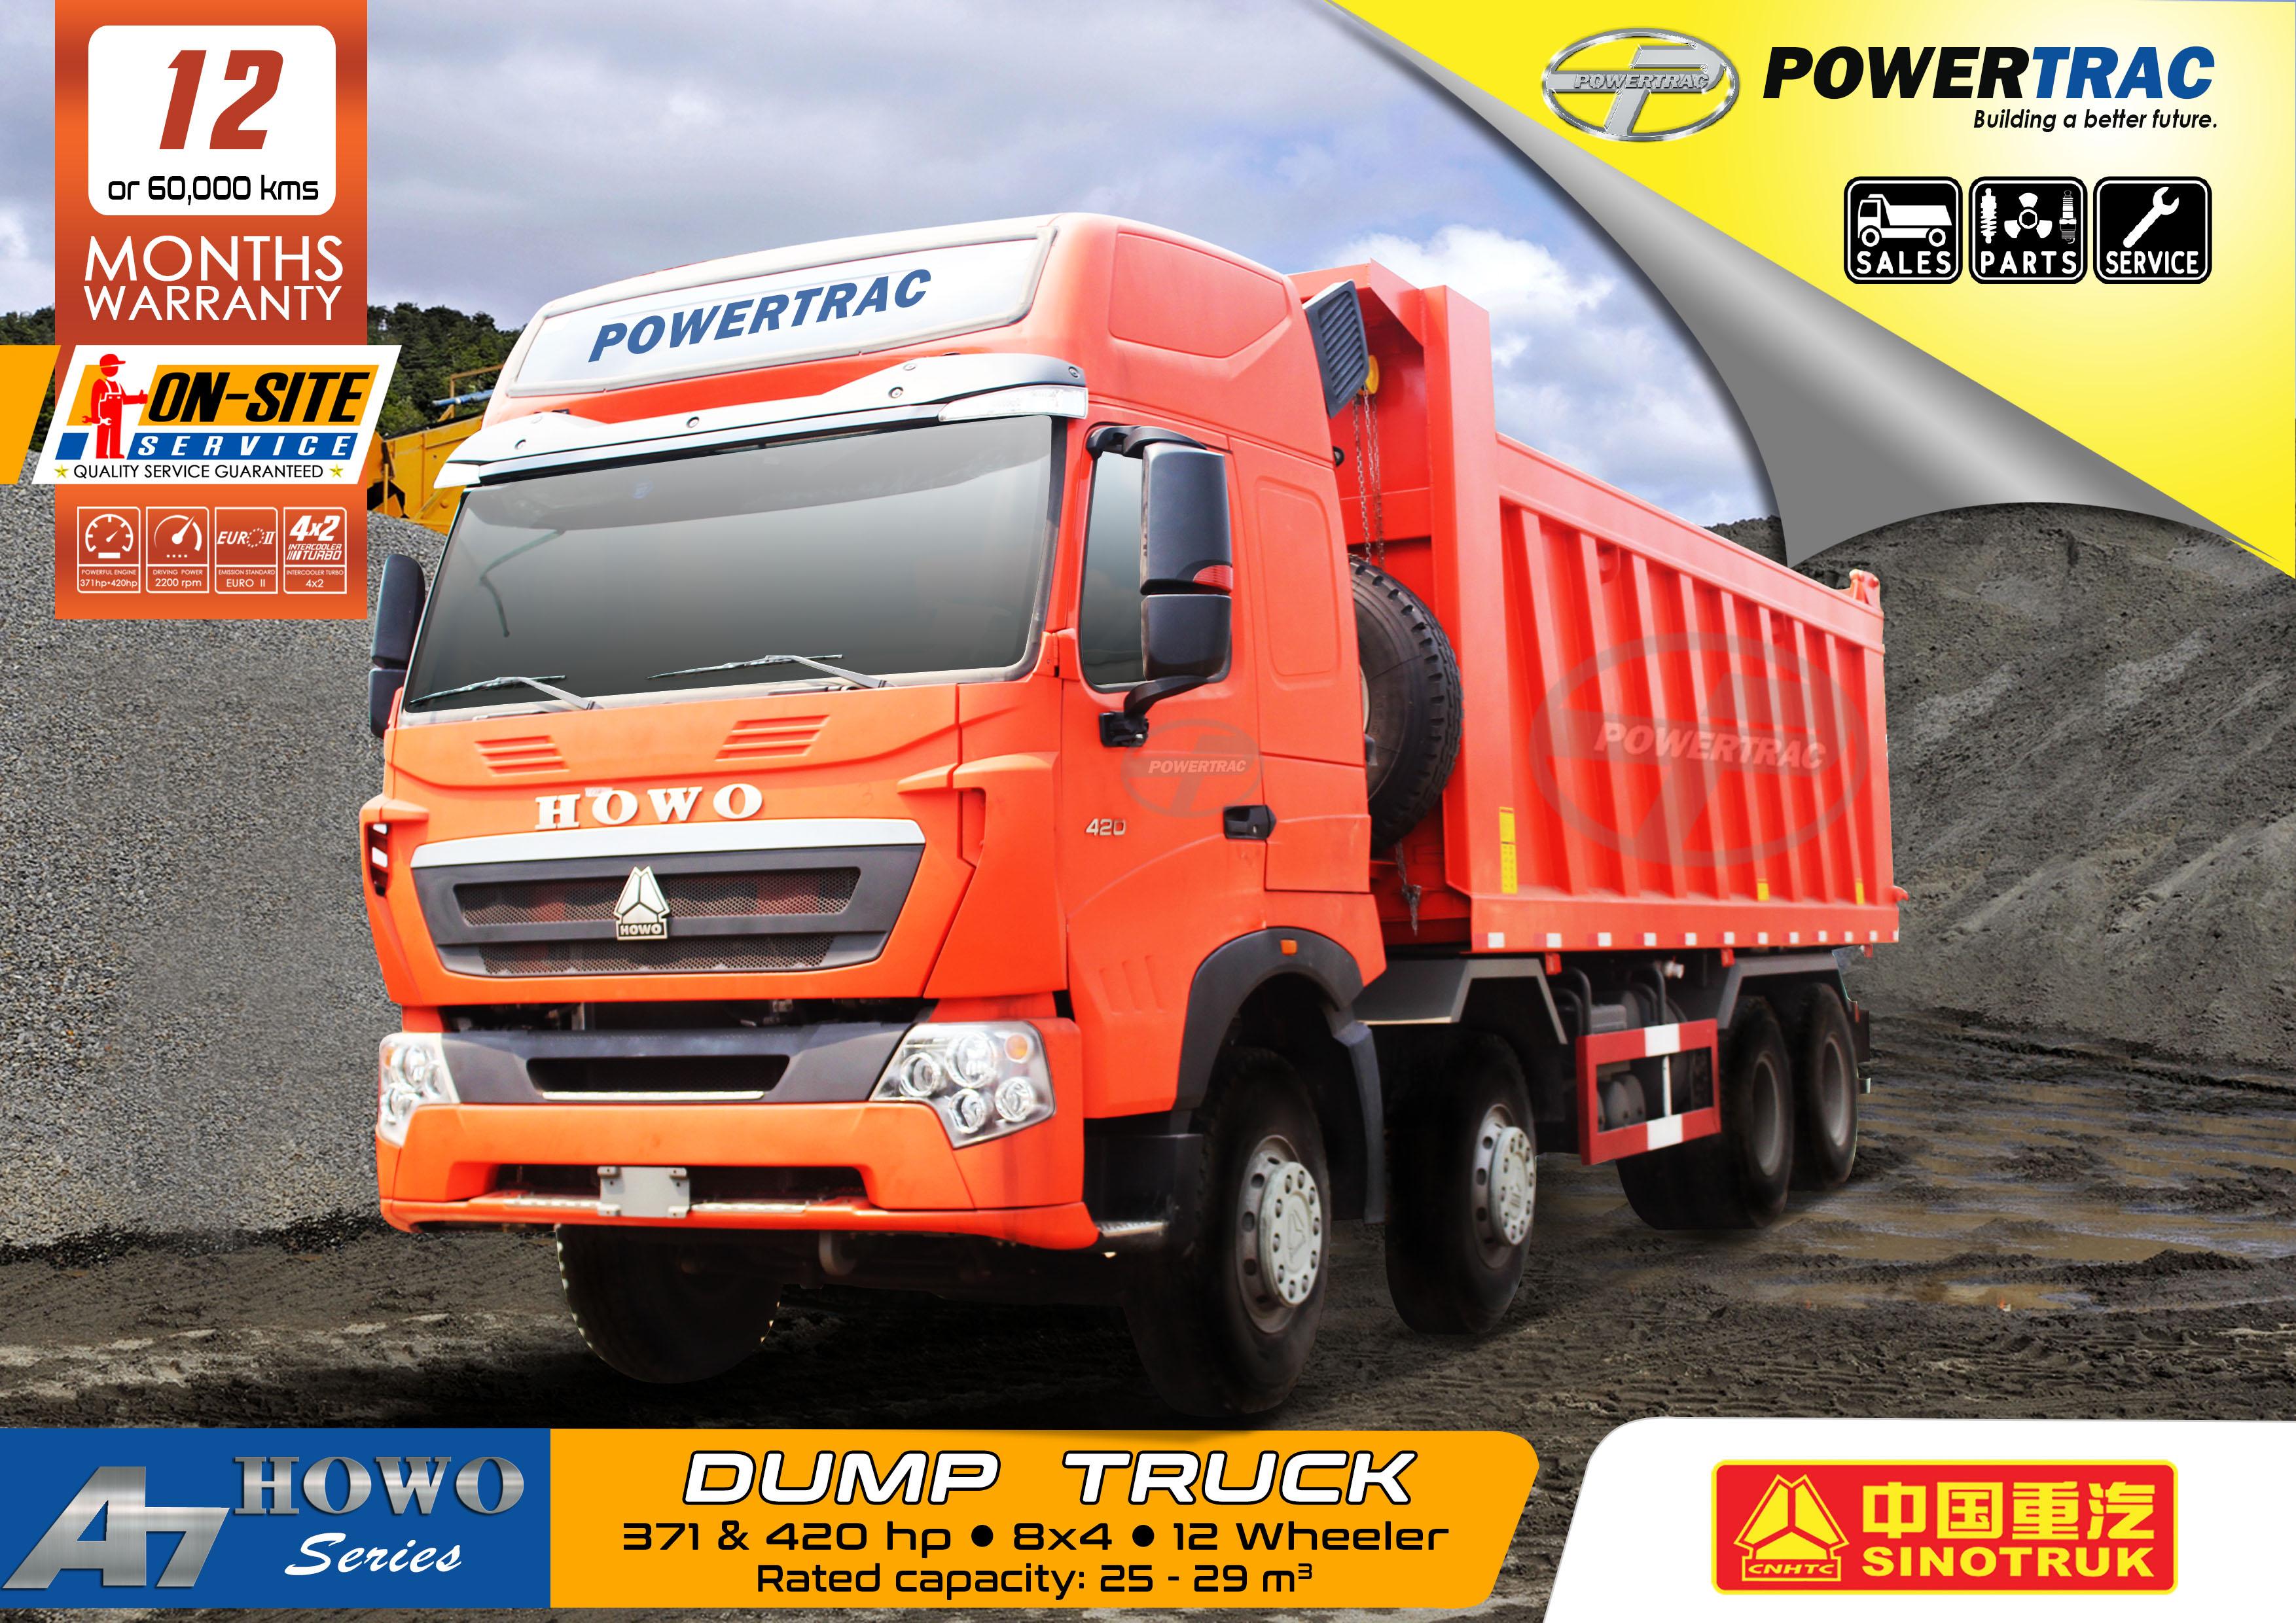 Howo A7 2017 Dump Truck 12 Wheeler